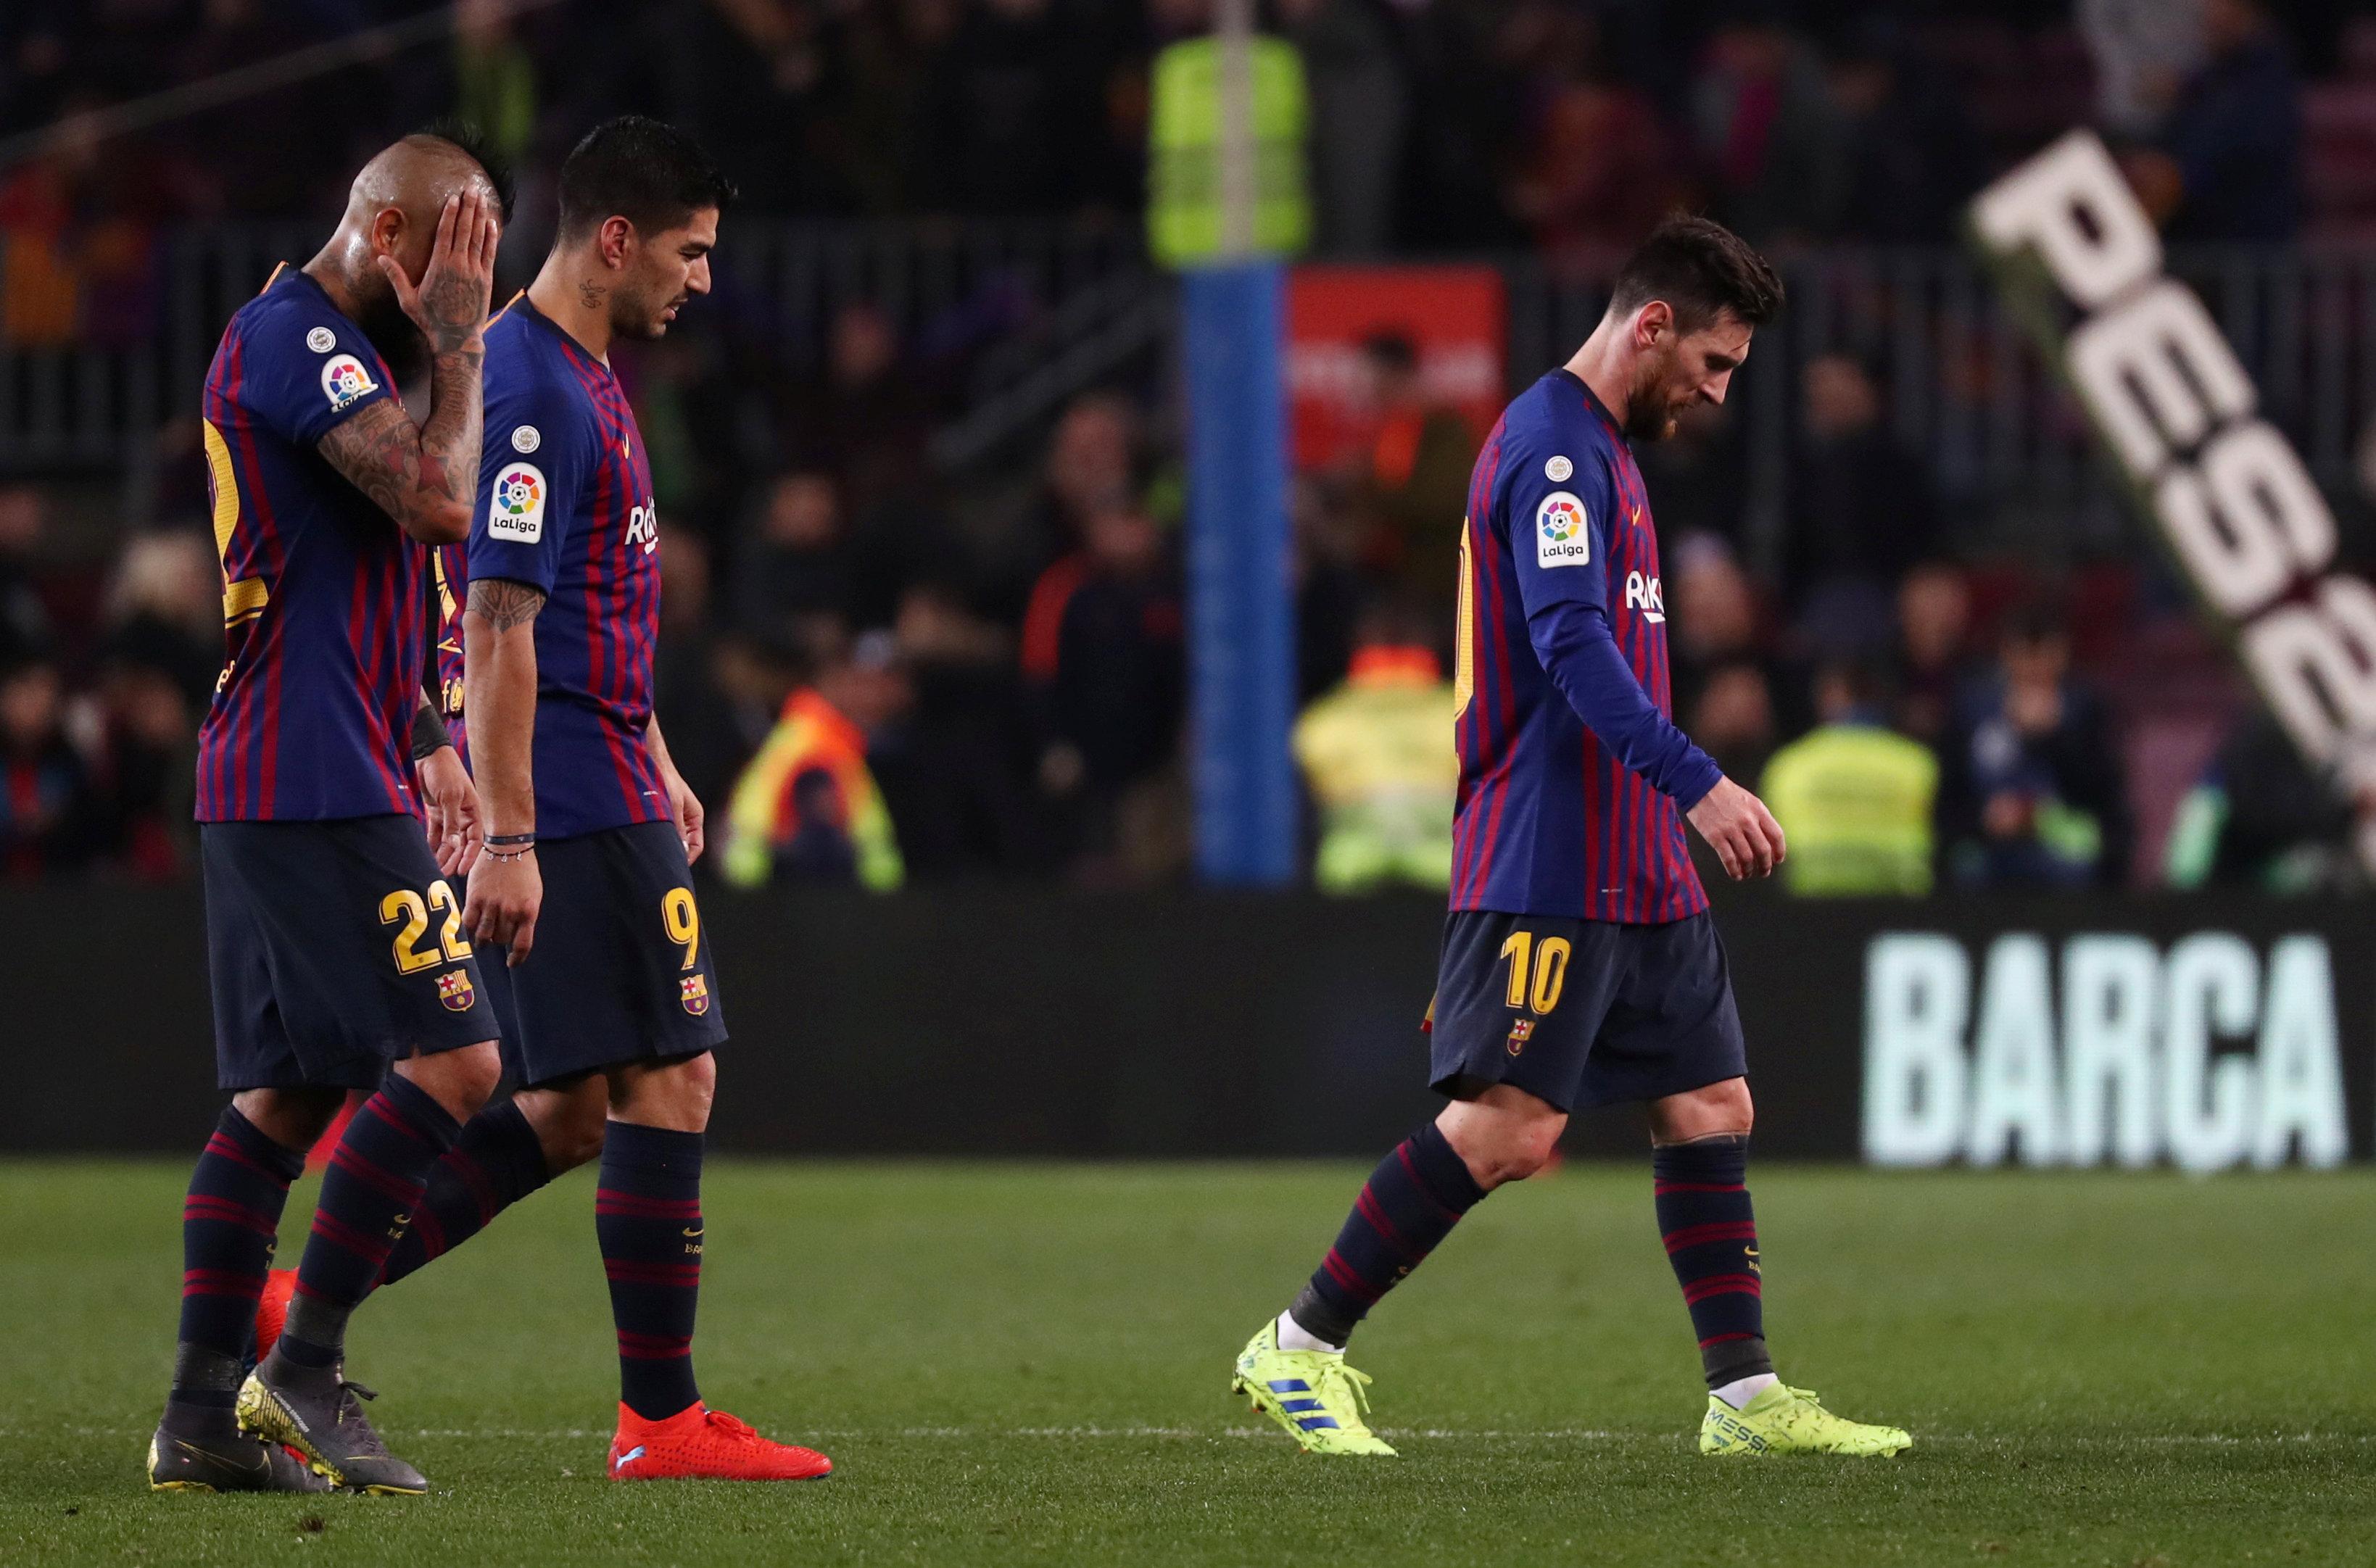 حزن نجوم برشلونة على التعادل